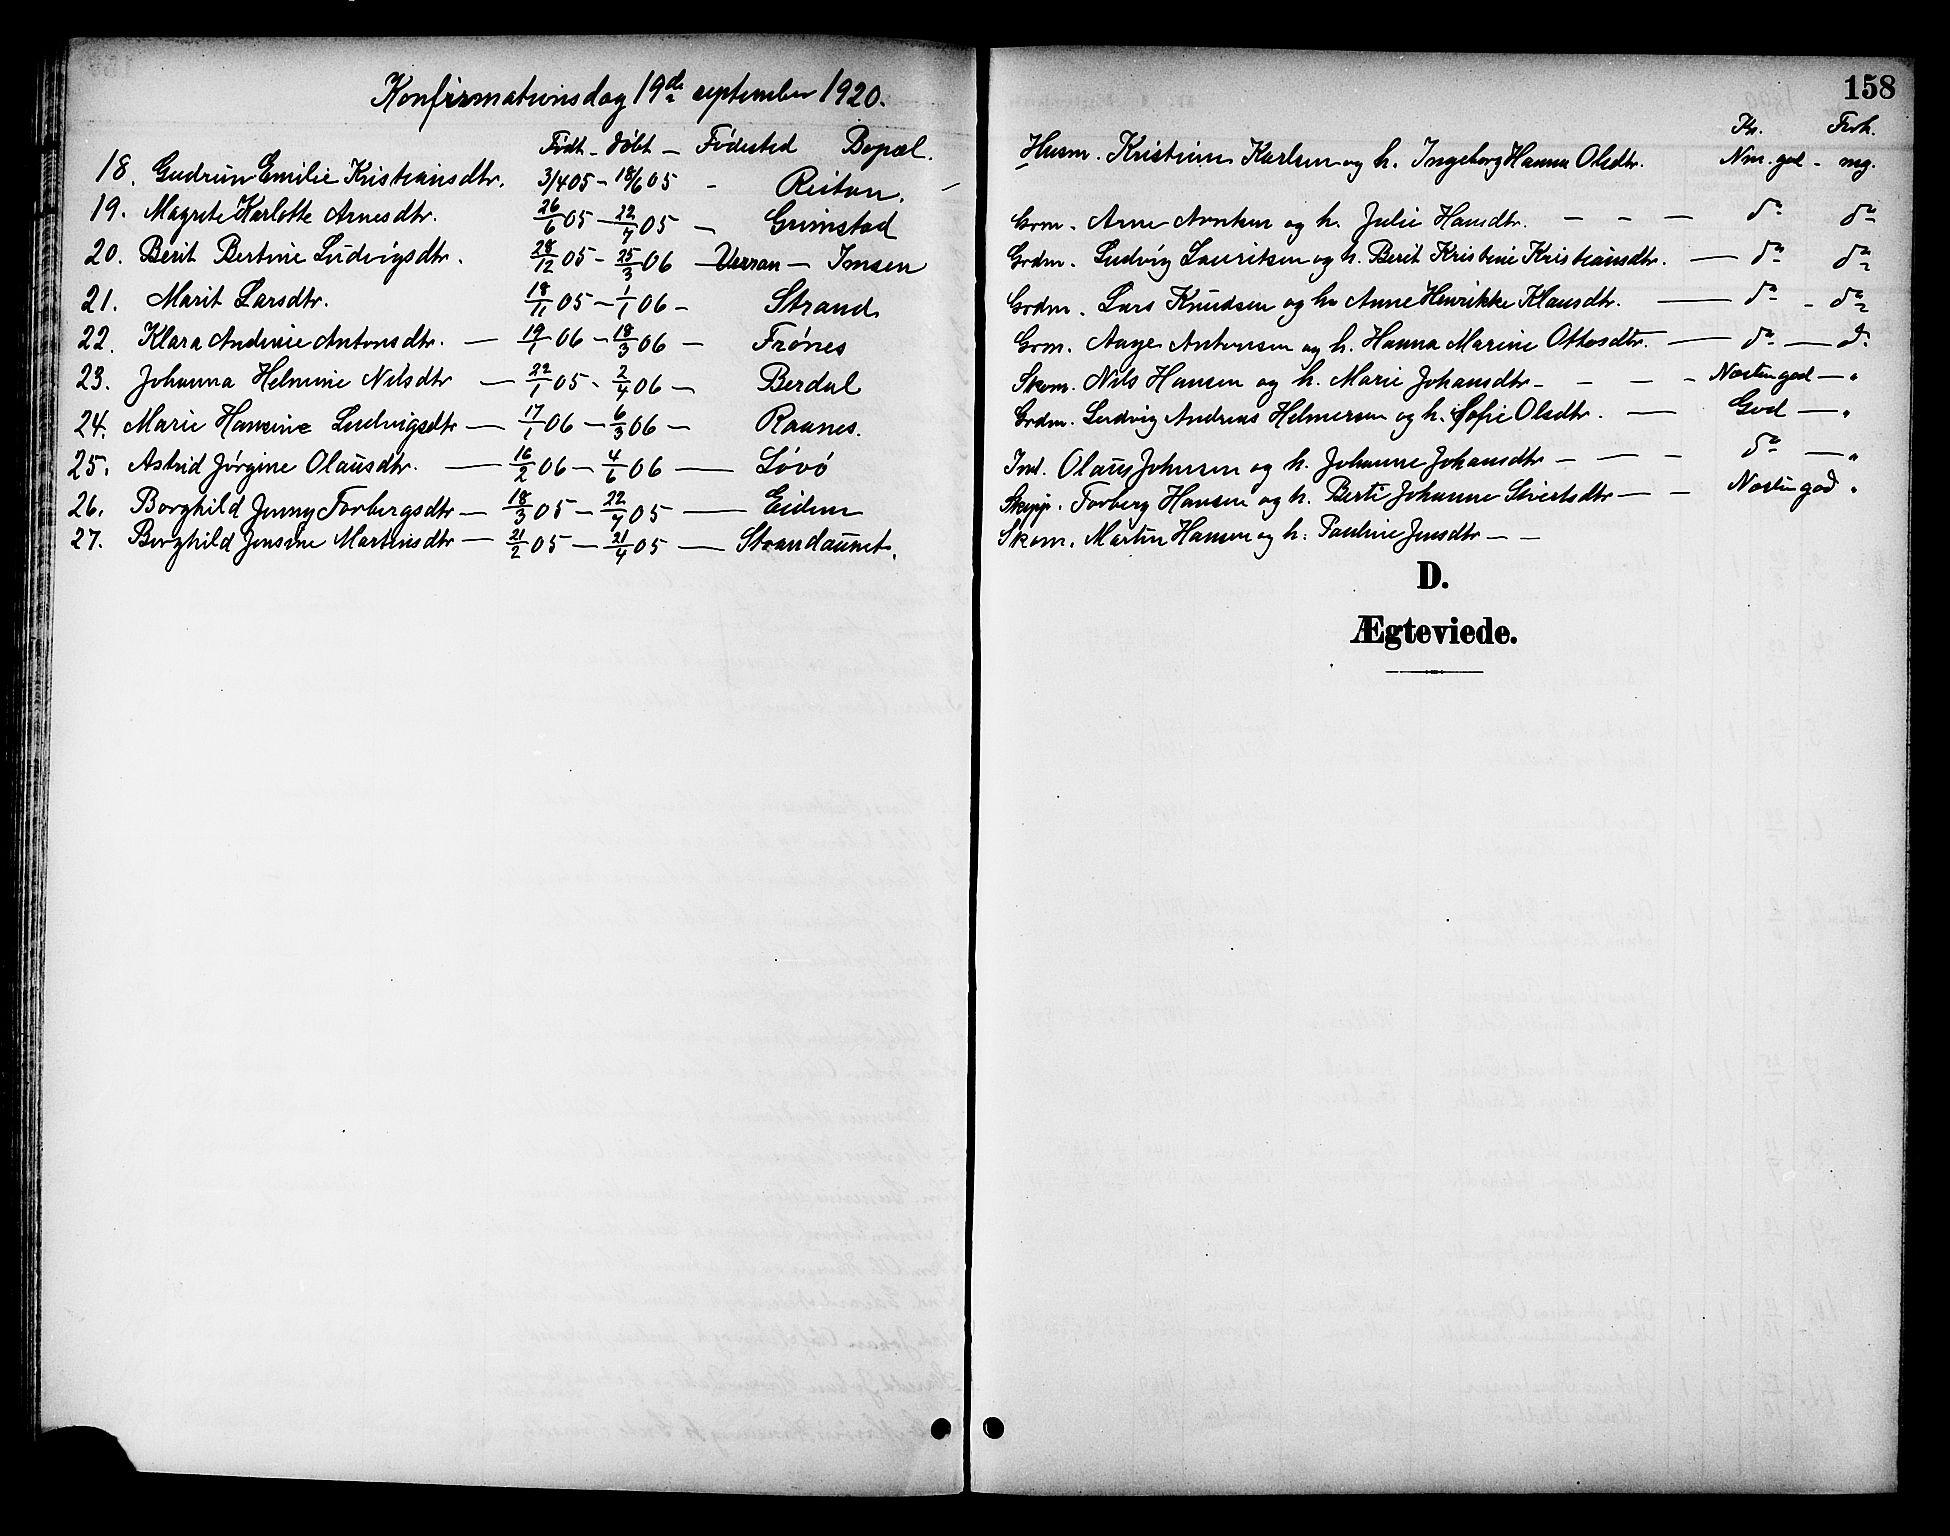 SAT, Ministerialprotokoller, klokkerbøker og fødselsregistre - Sør-Trøndelag, 655/L0688: Klokkerbok nr. 655C04, 1899-1922, s. 158